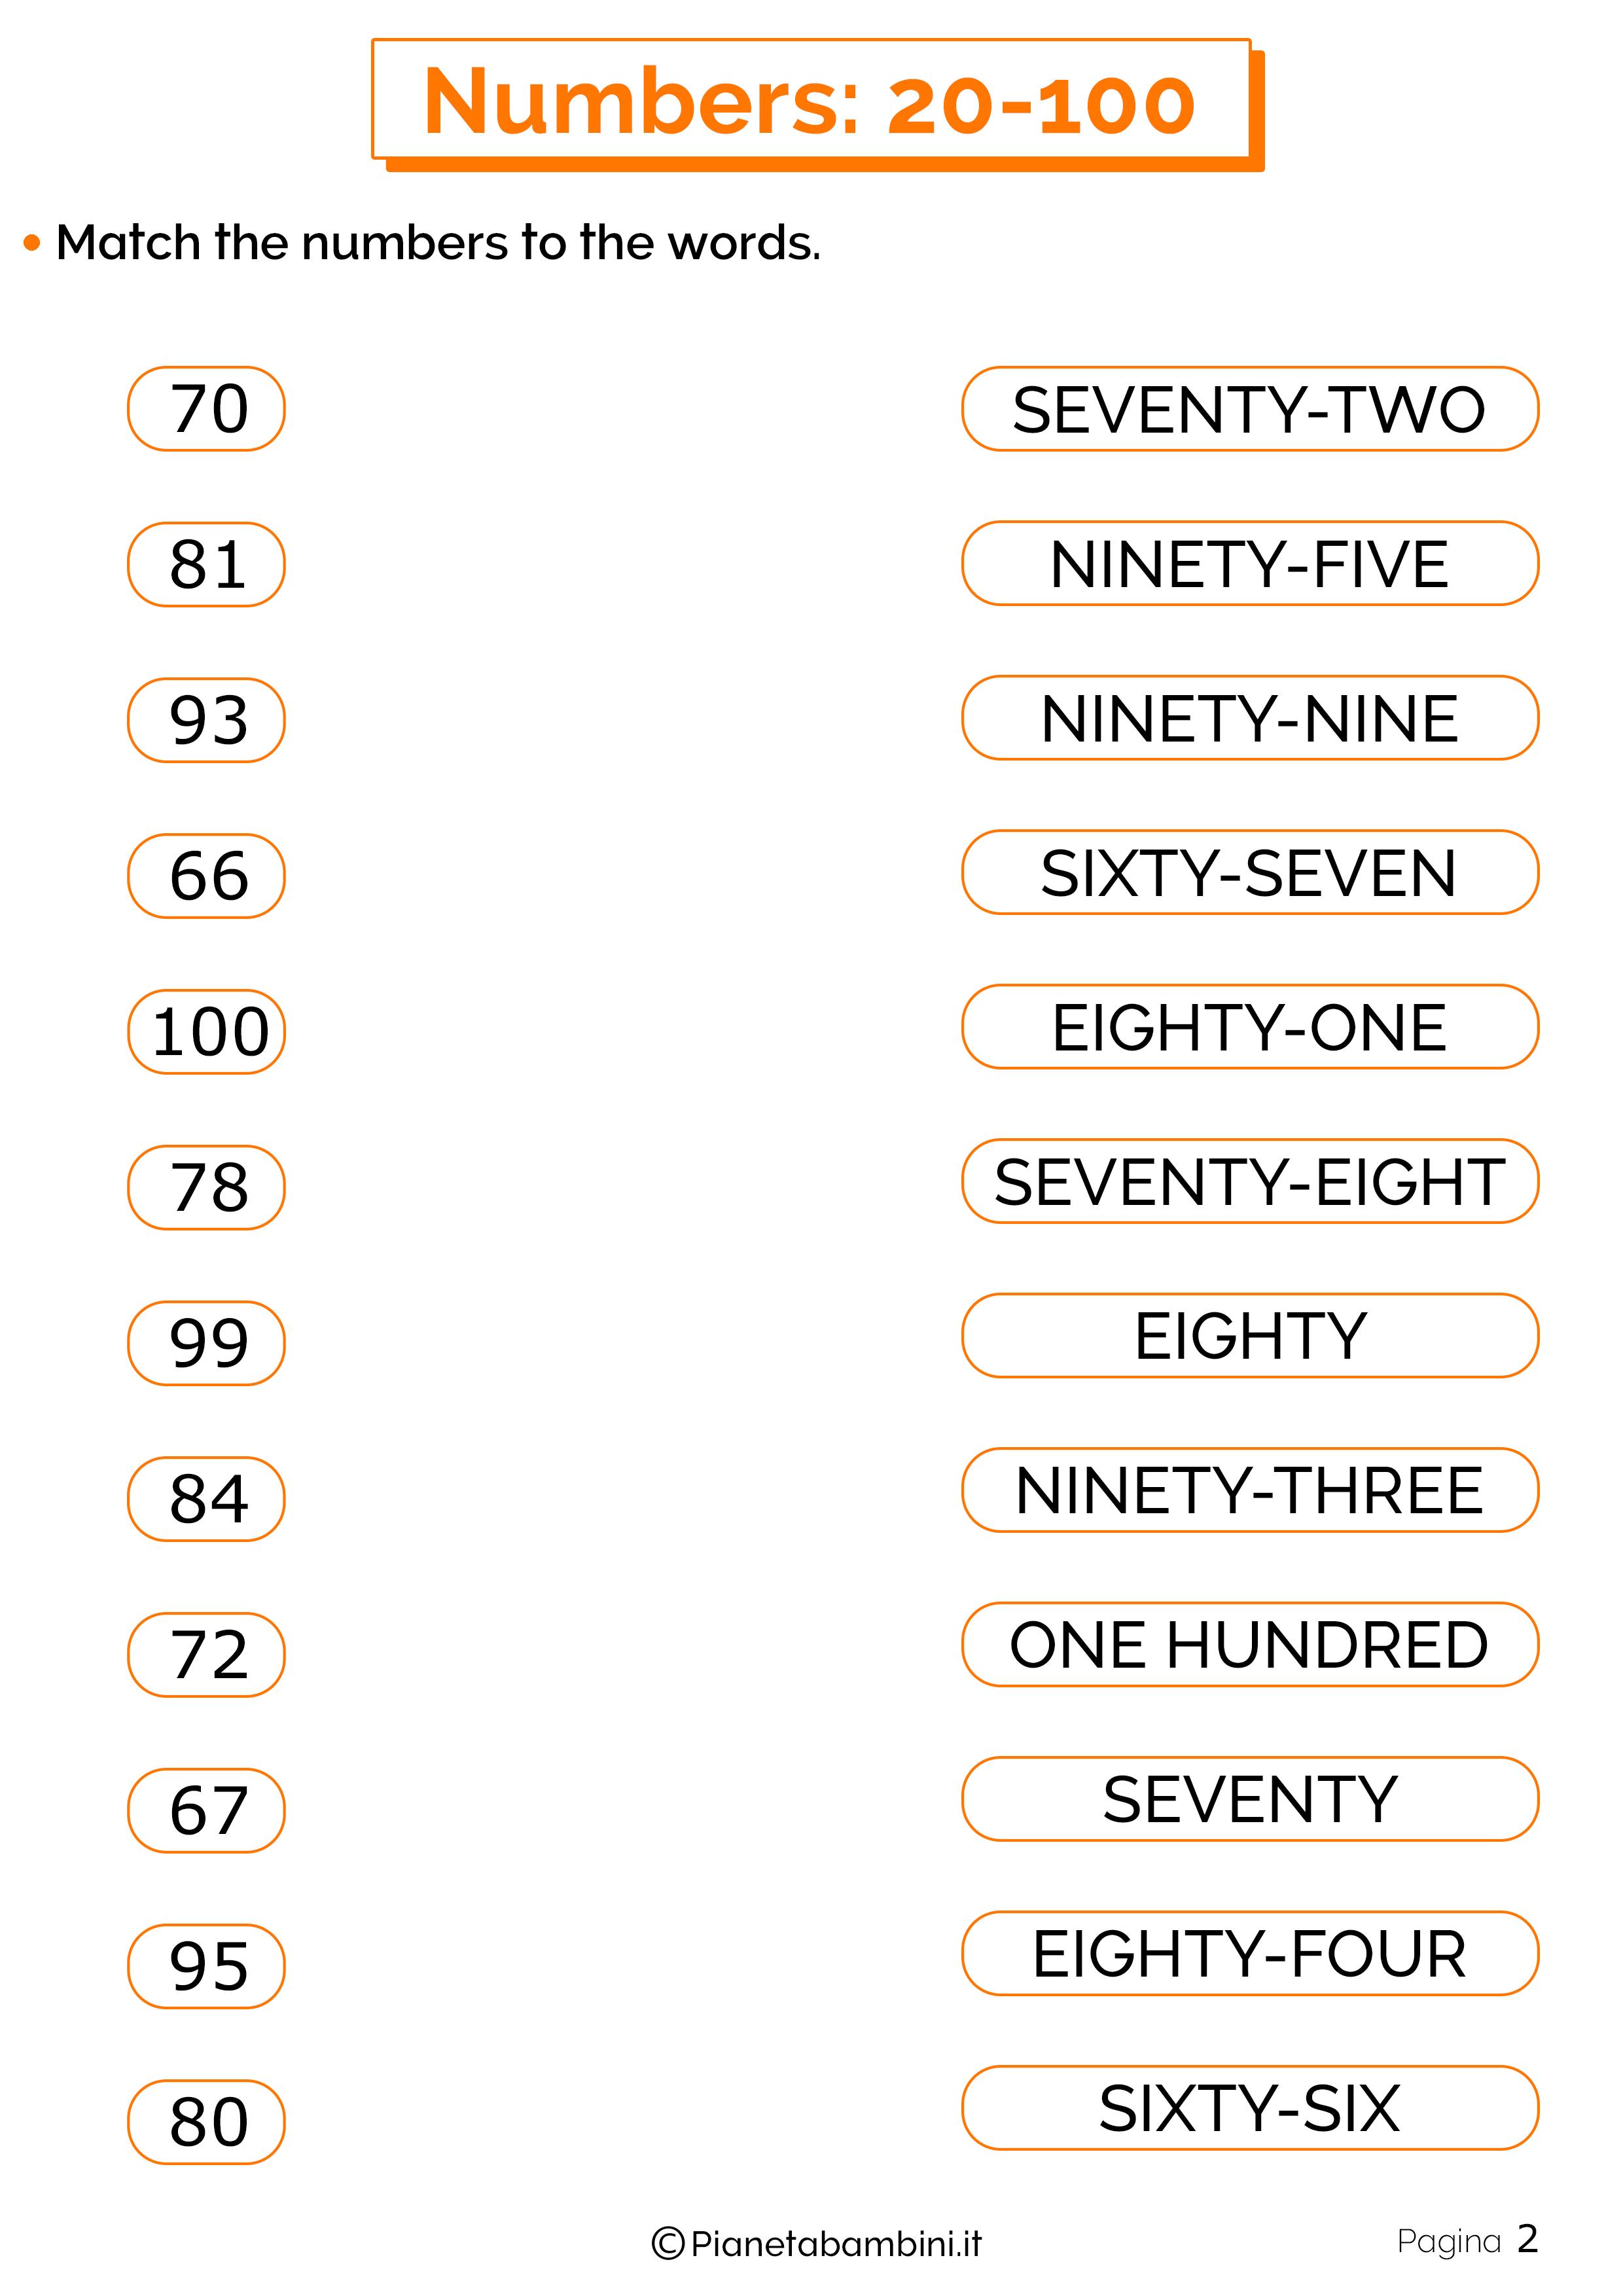 Esercizi sui numeri in inglese da 20 a 100 2